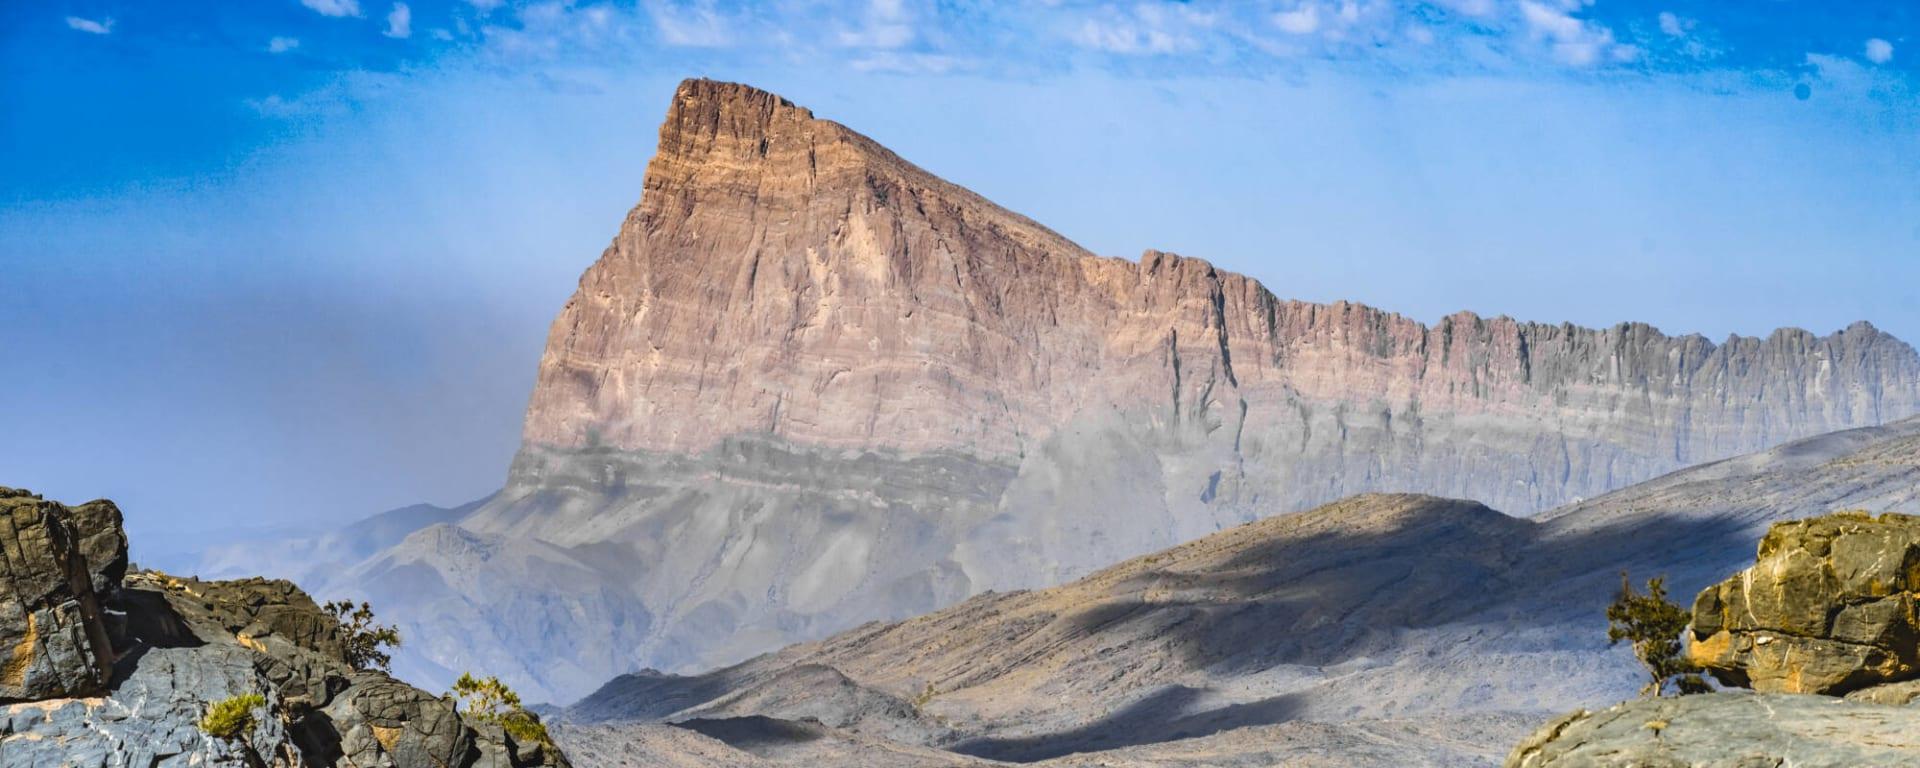 Jebel Shams - Berg der Sonne, DE, Ganztägig in Muscat: Oman Jebel Shams